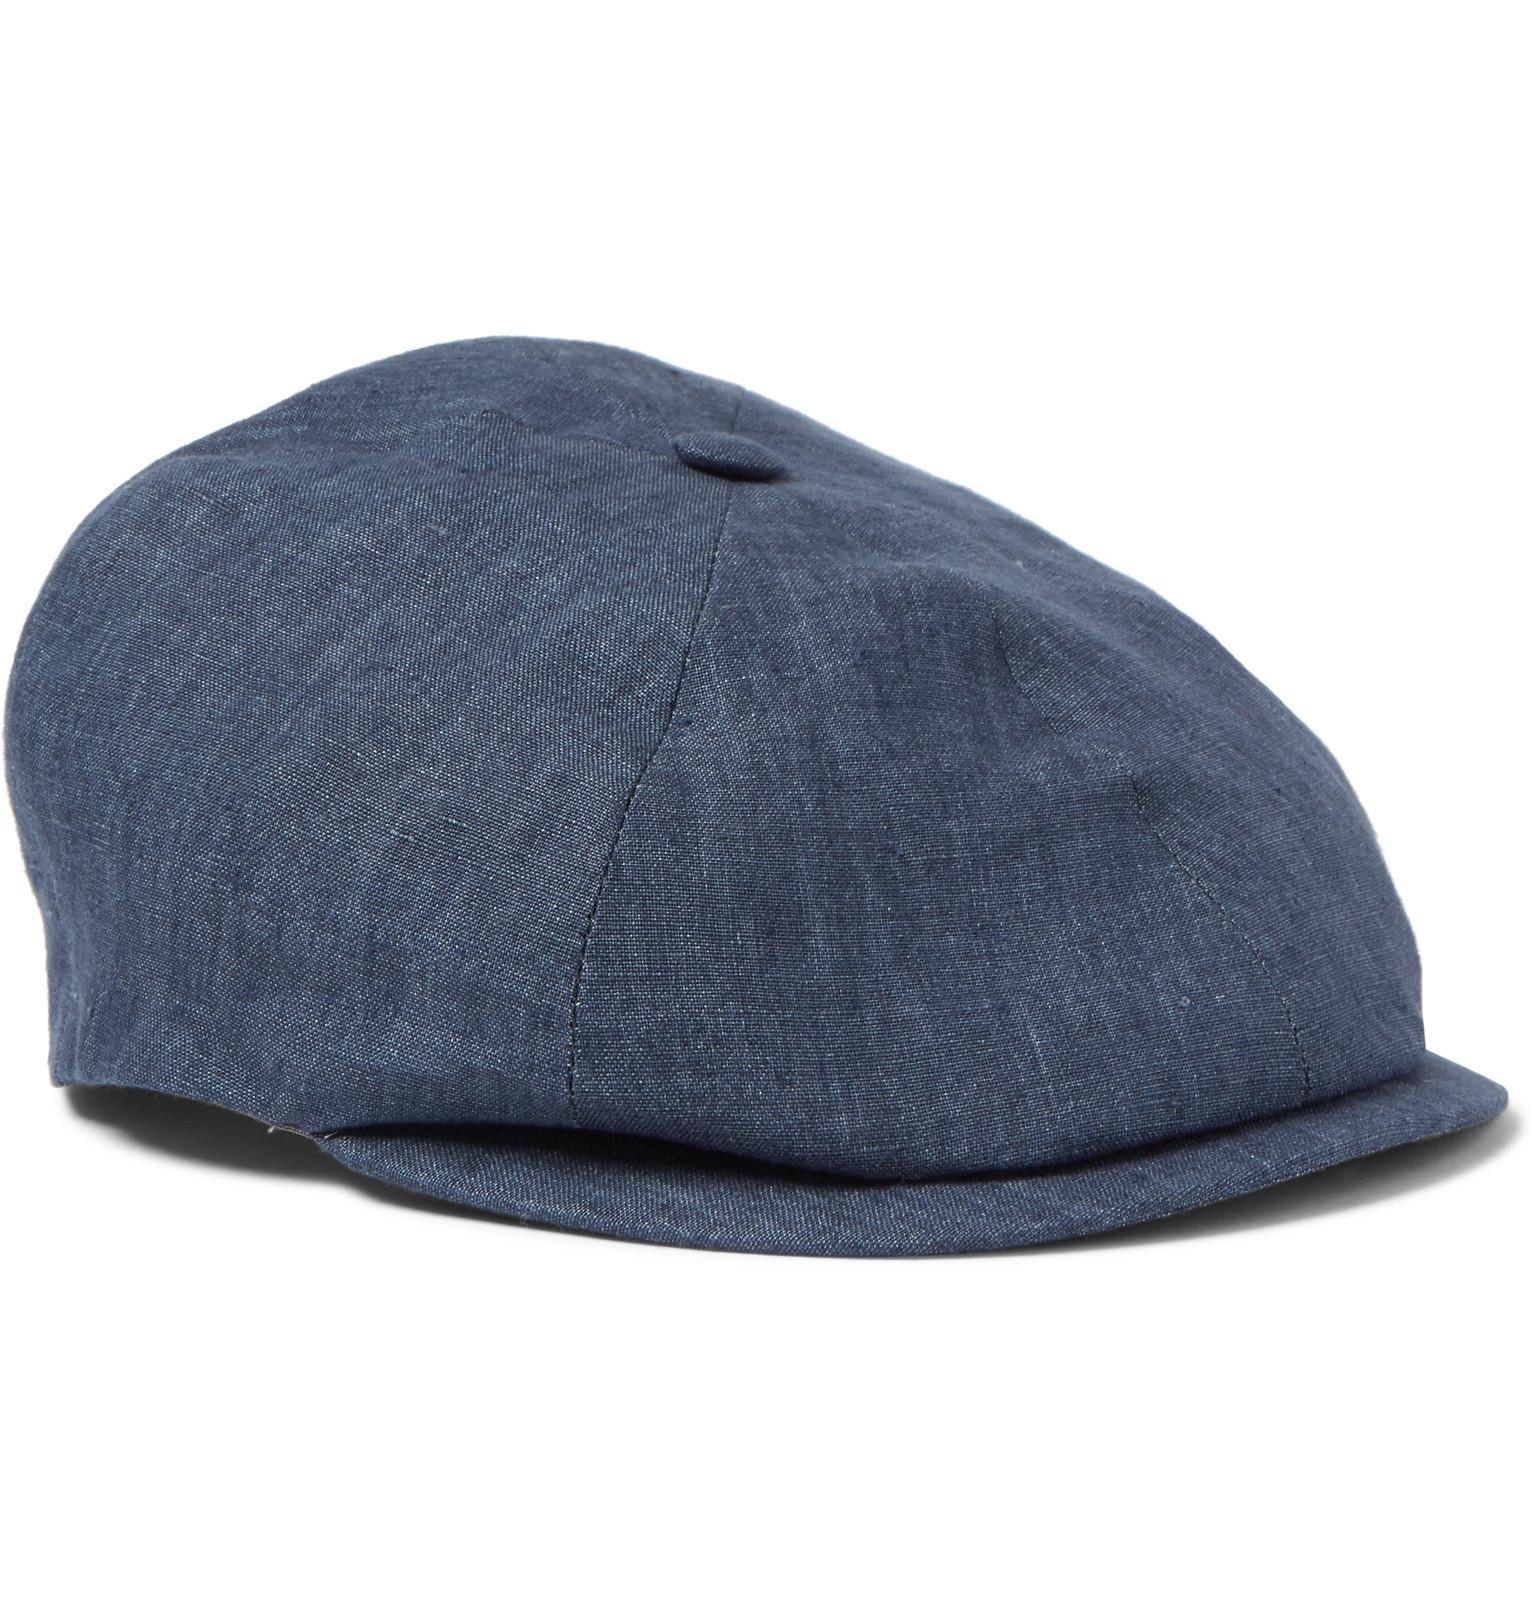 92bf142d736 Lyst - Lock   Co. Linen Flat Cap in Blue for Men